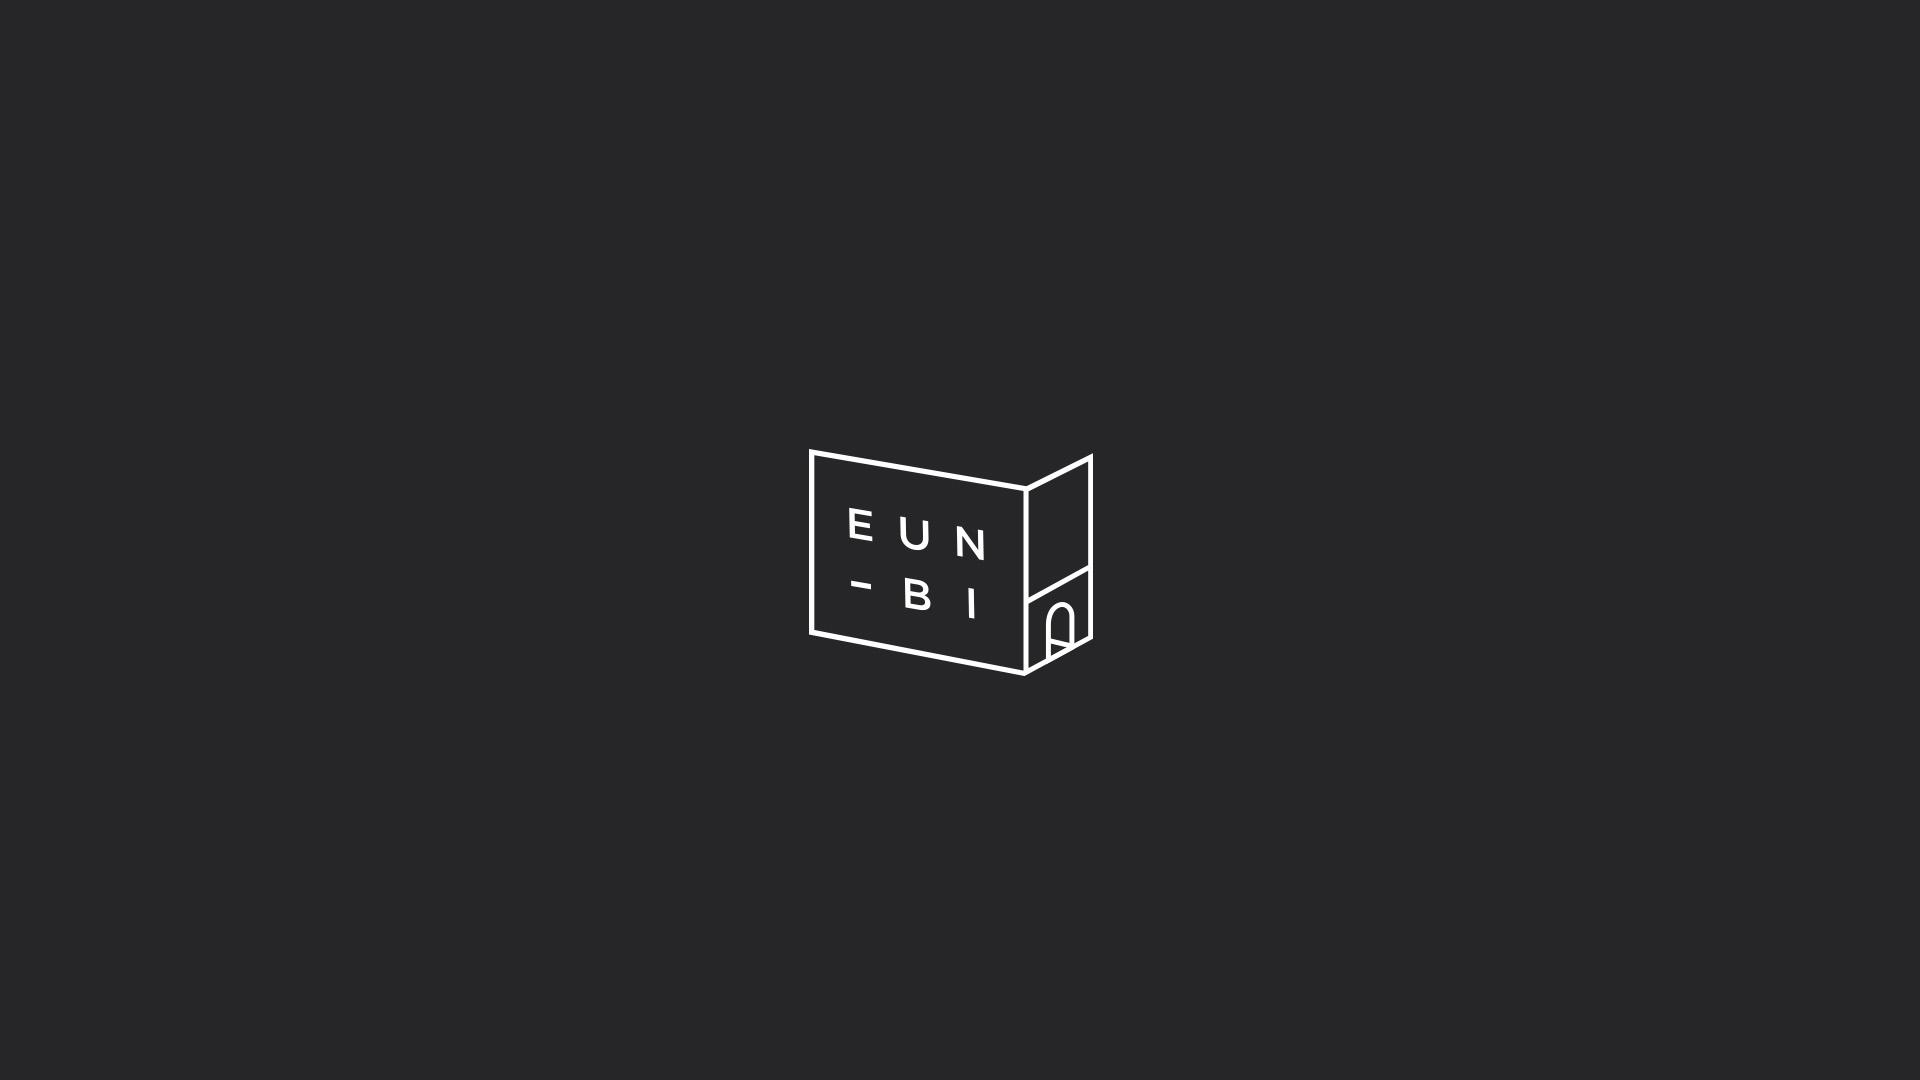 eunbi_logo_12.jpg